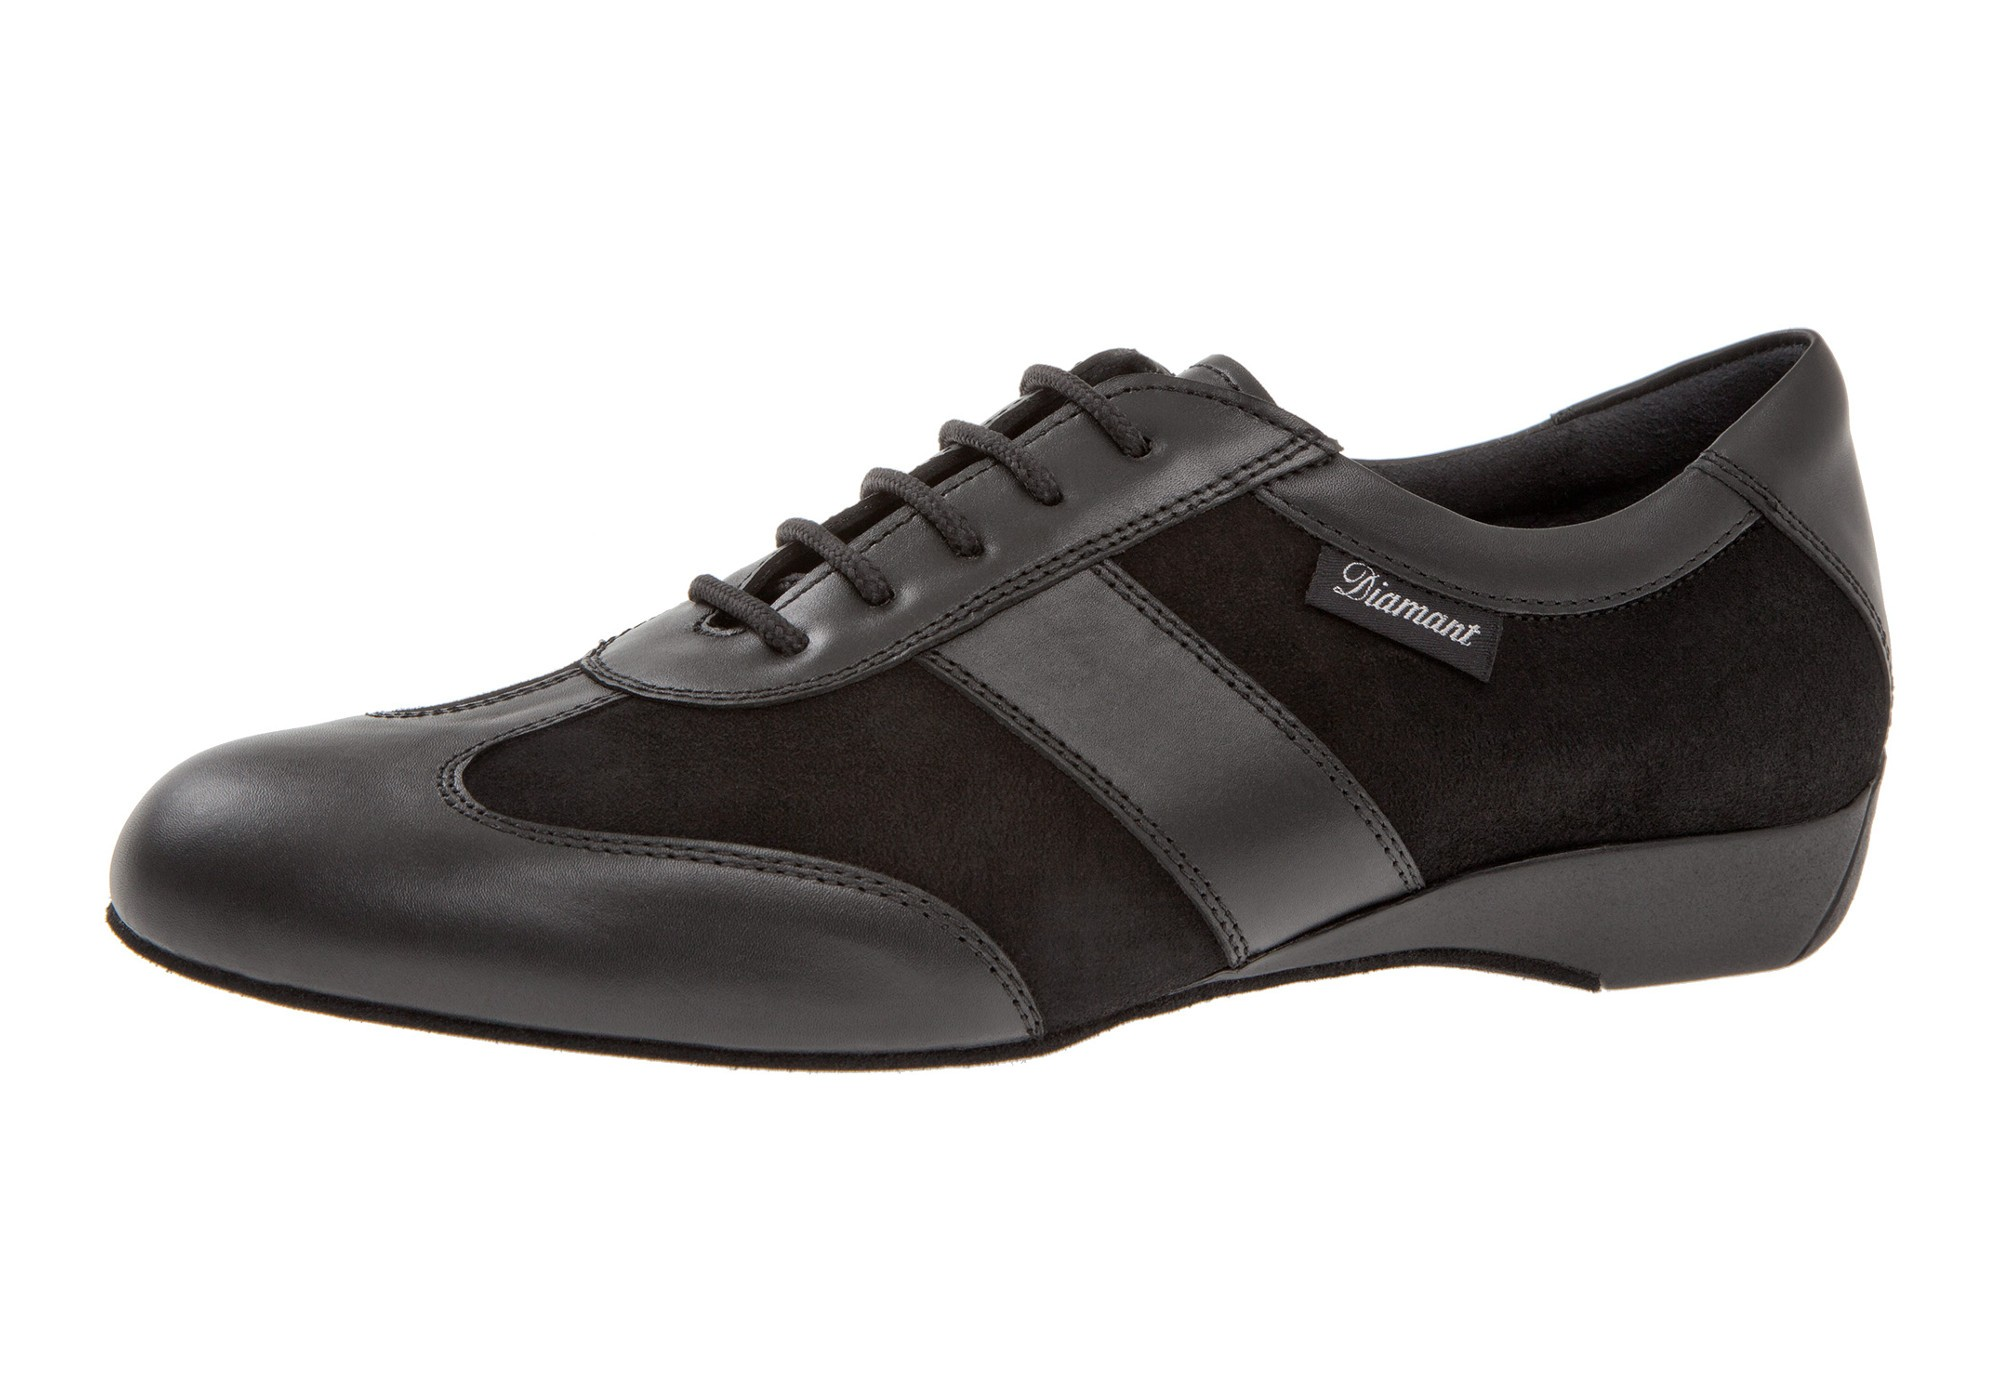 Diamant Herren Tanzschuh Ballroom Sneaker 123-225-070 schwarz Nappaleder / schwarz Velourleder